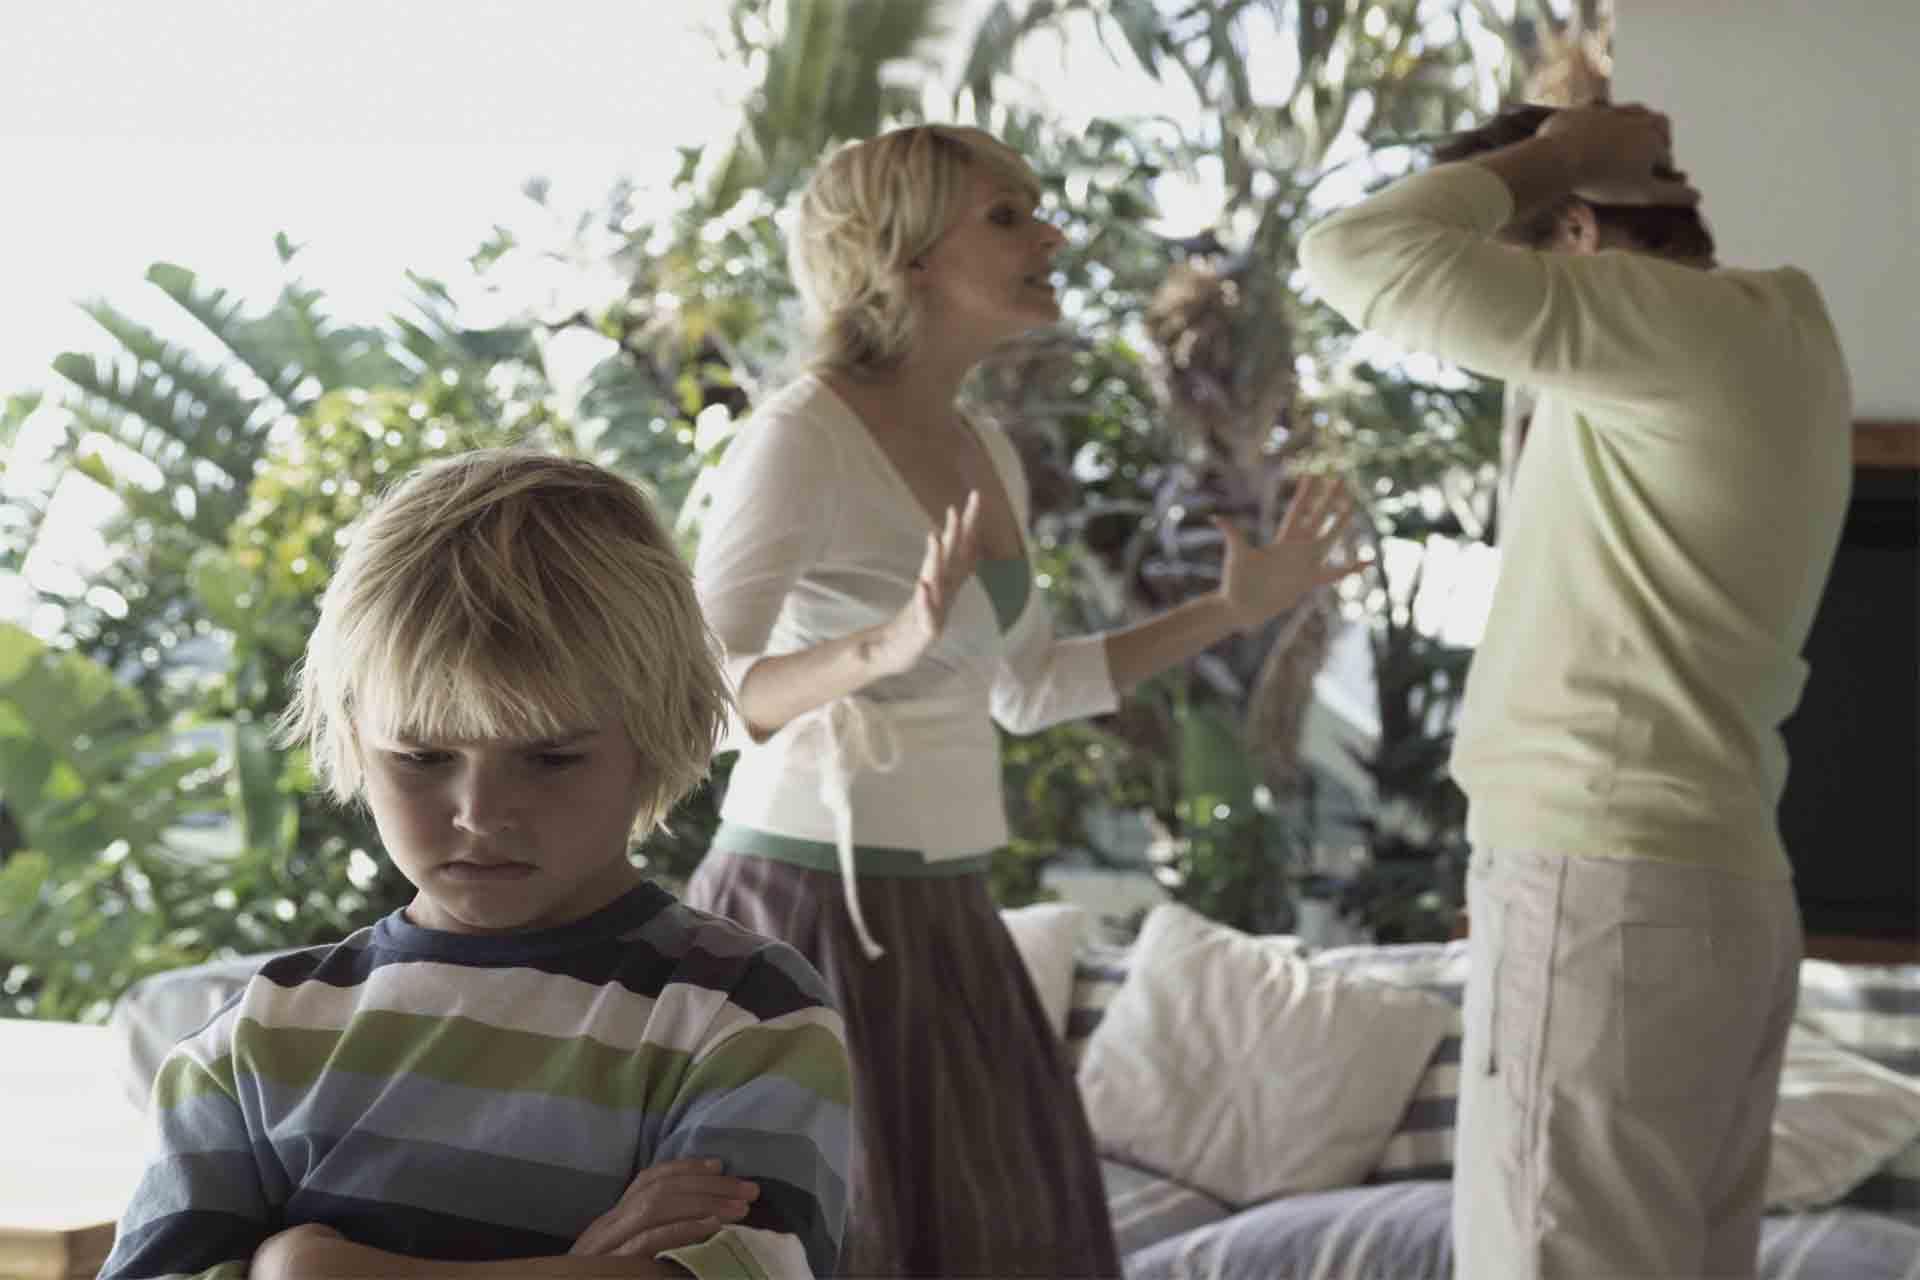 Мама ненавидит отца. Как помочь родителям?